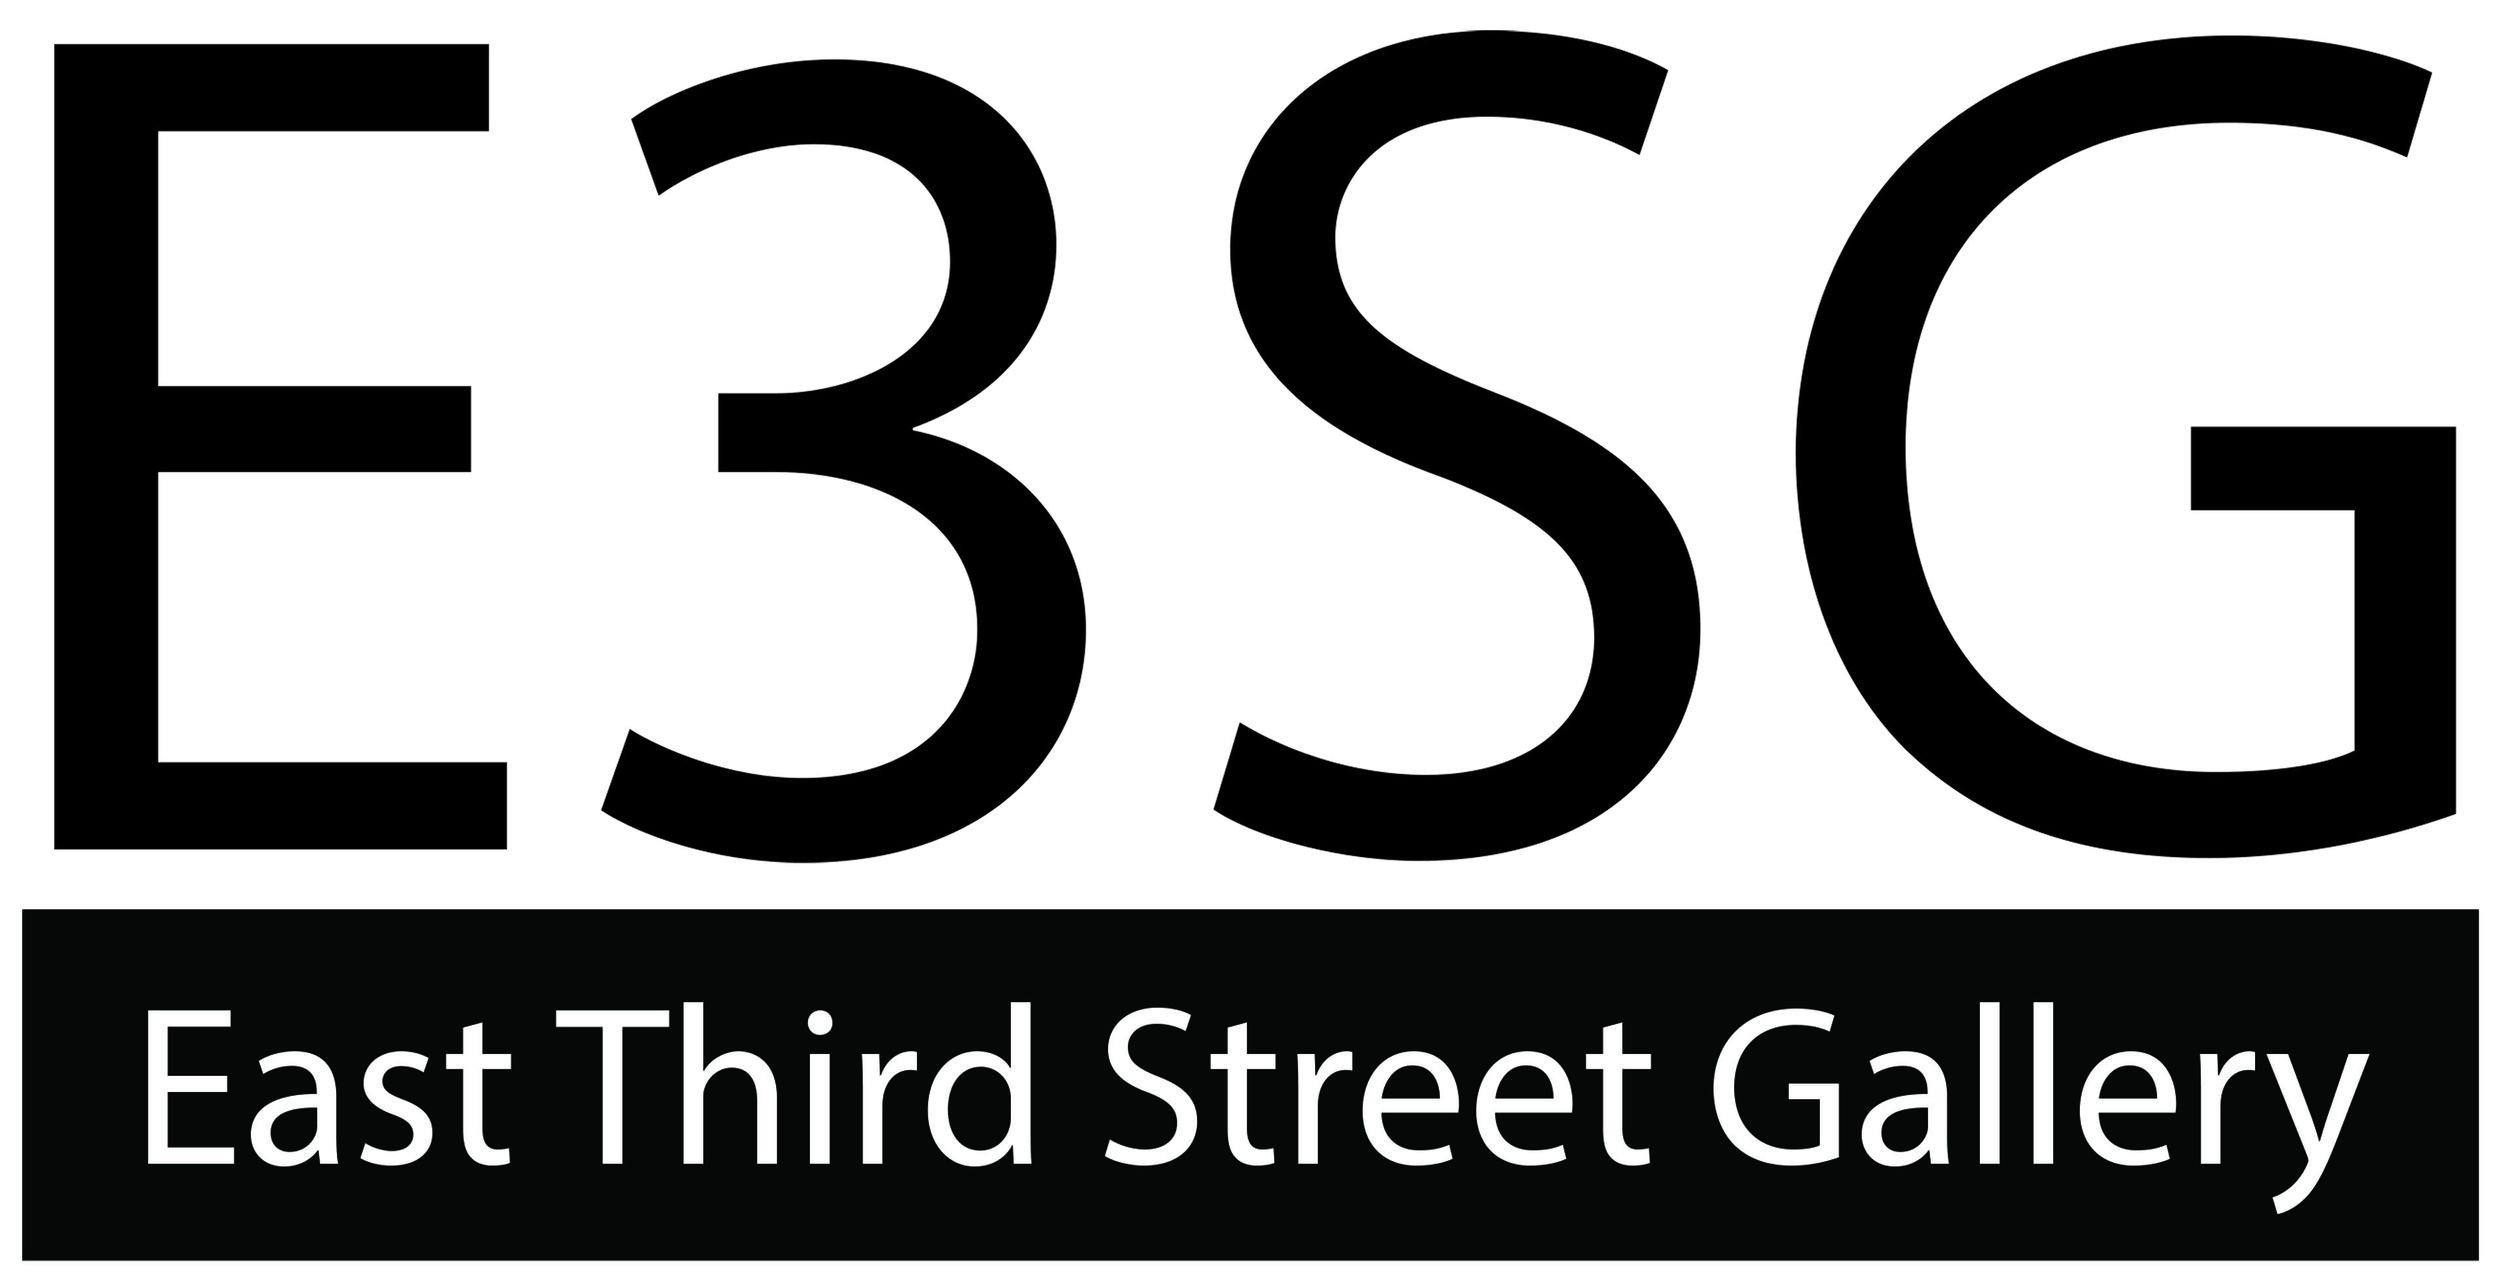 e3sg logo.jpg